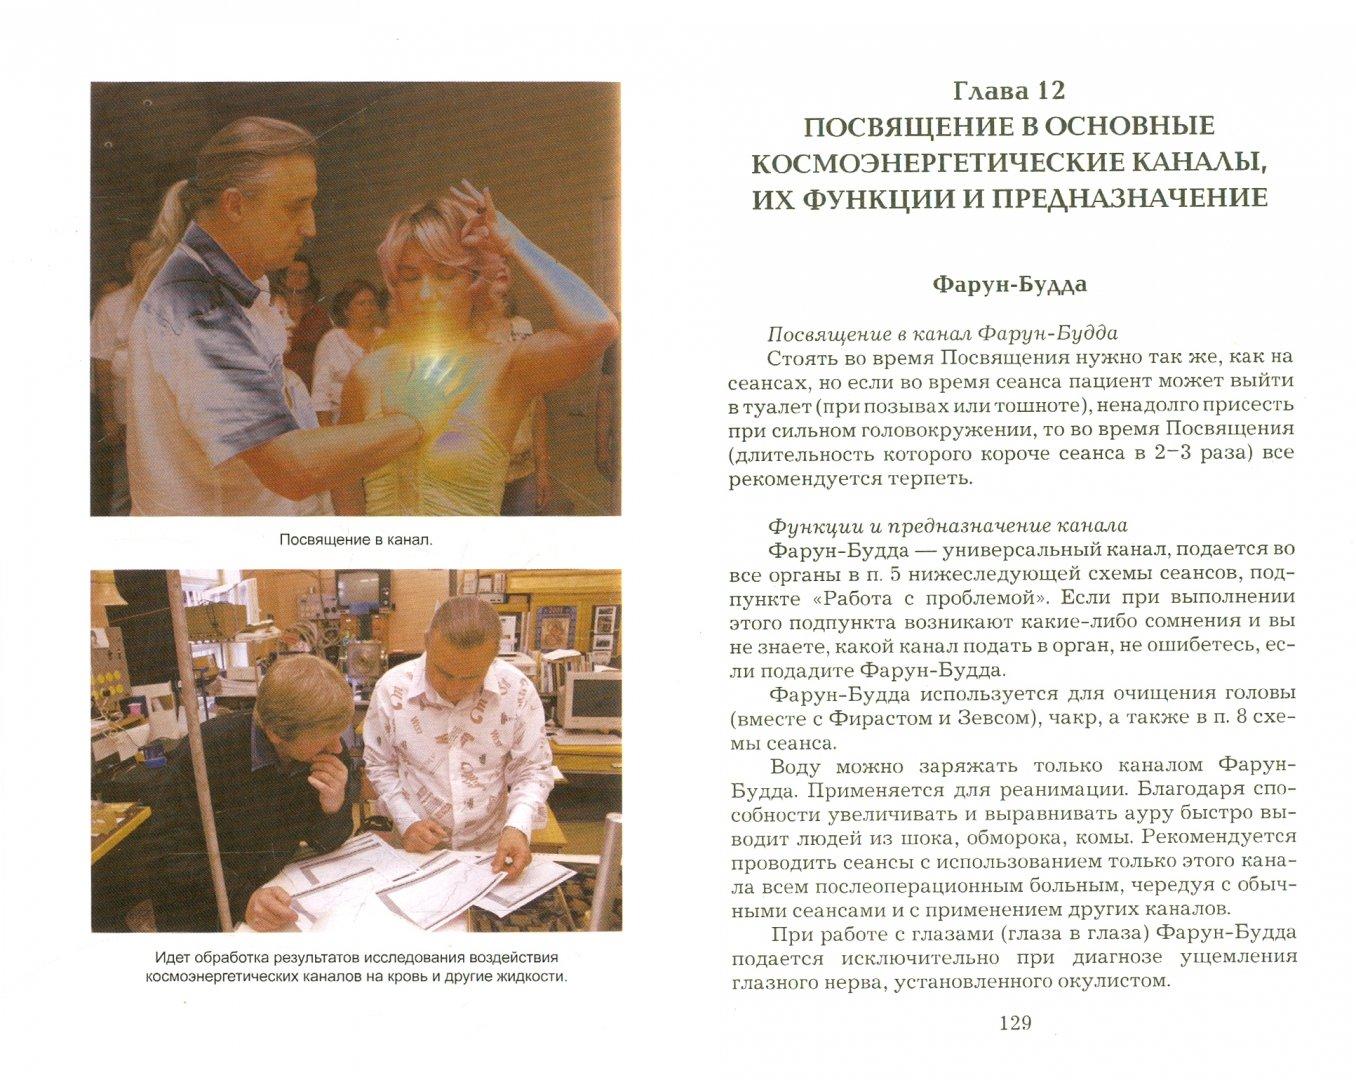 Иллюстрация 1 из 19 для Космоэнергетика: Учебное пособие - Эмиль Багиров | Лабиринт - книги. Источник: Лабиринт